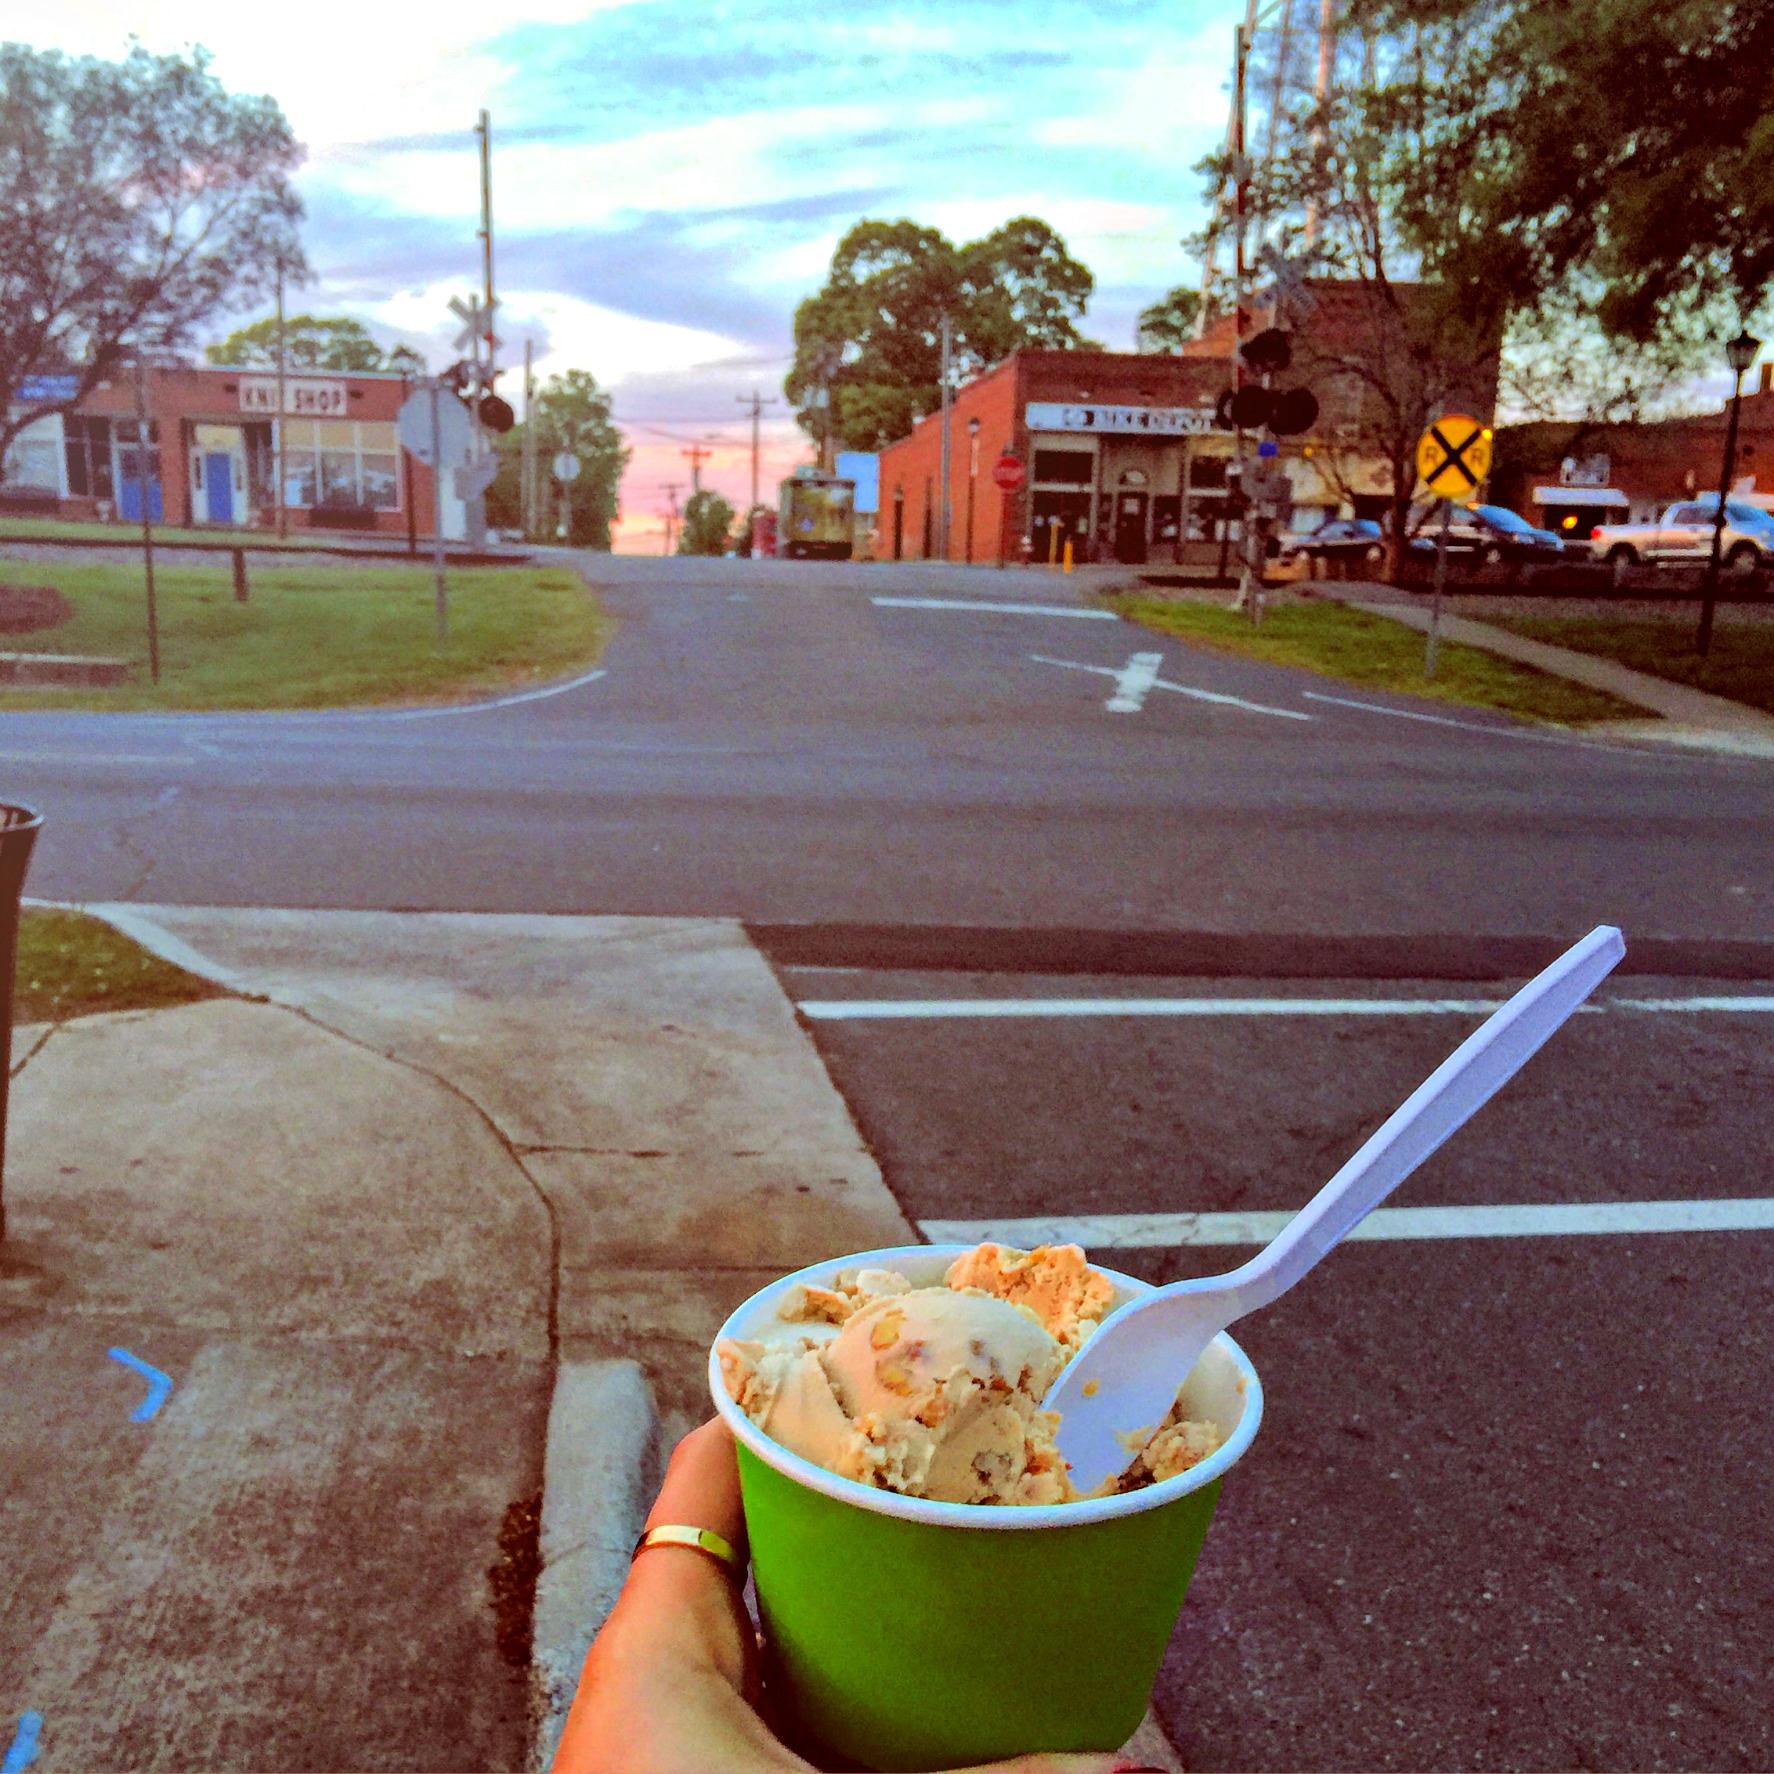 Creamery Waxhaw NC